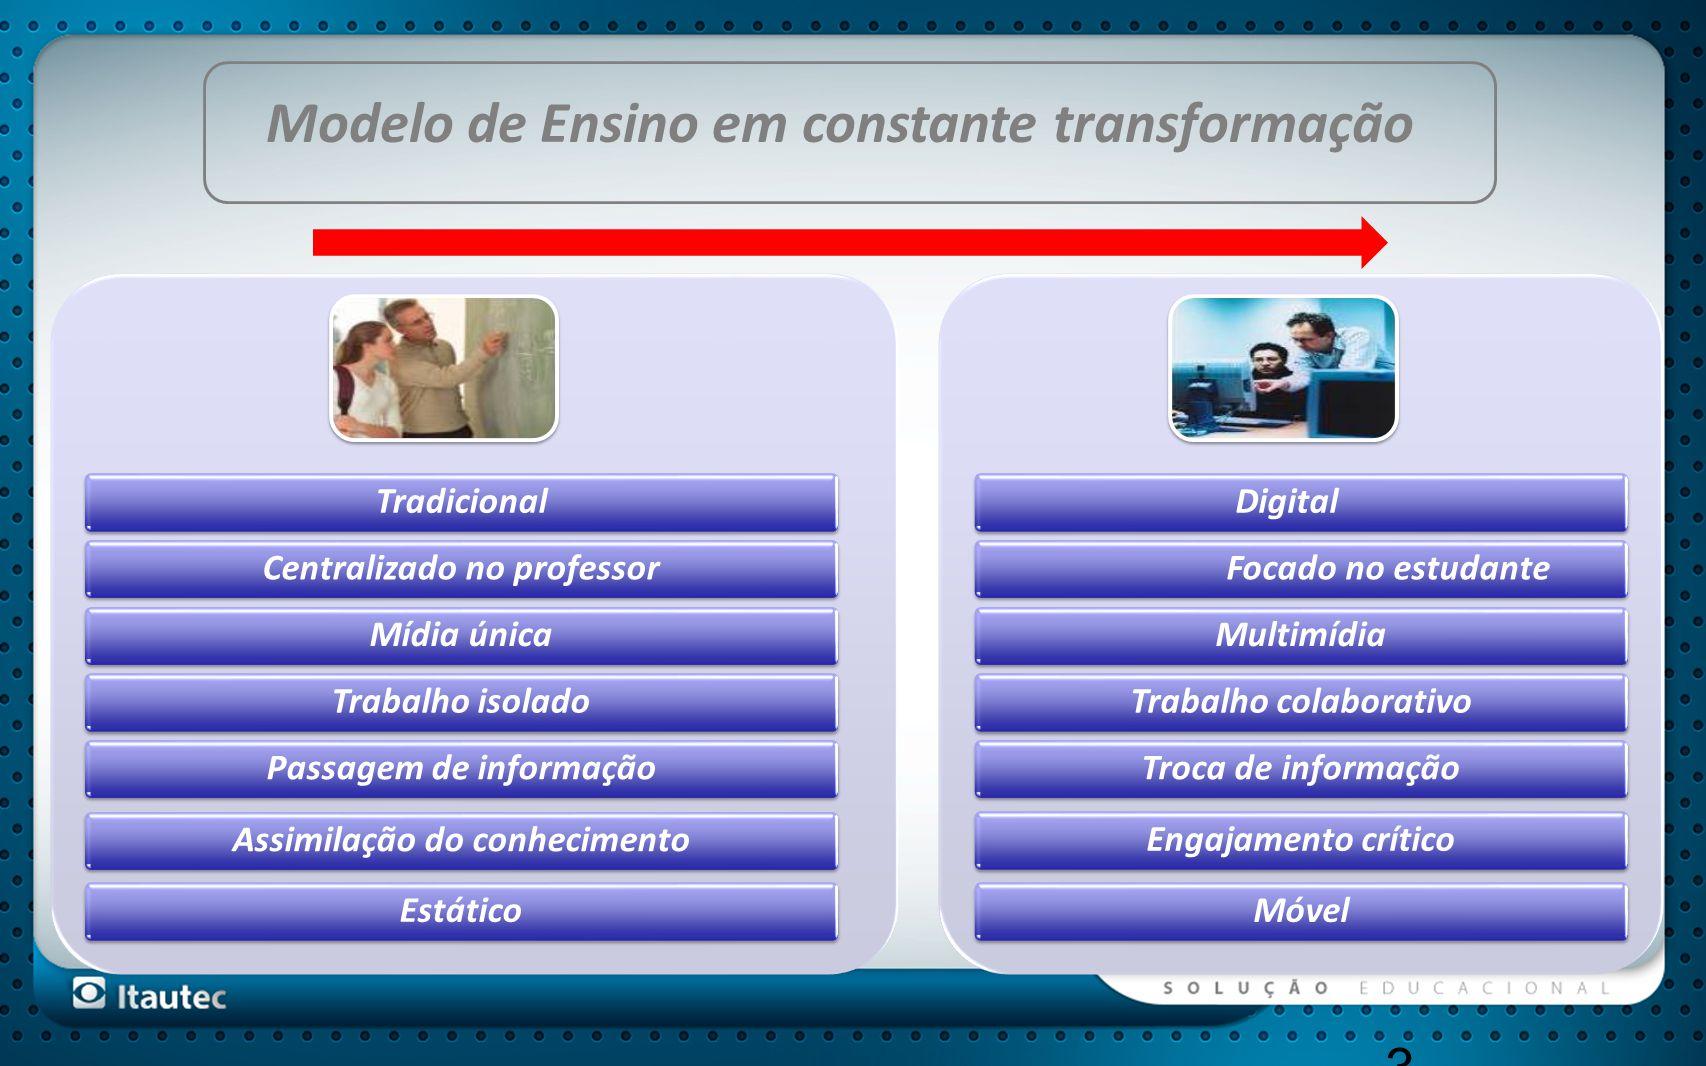 3 TradicionalCentralizado no professorMídia únicaTrabalho isoladoPassagem de informaçãoAssimilação do conhecimentoEstático DigitalFocado no estudanteM